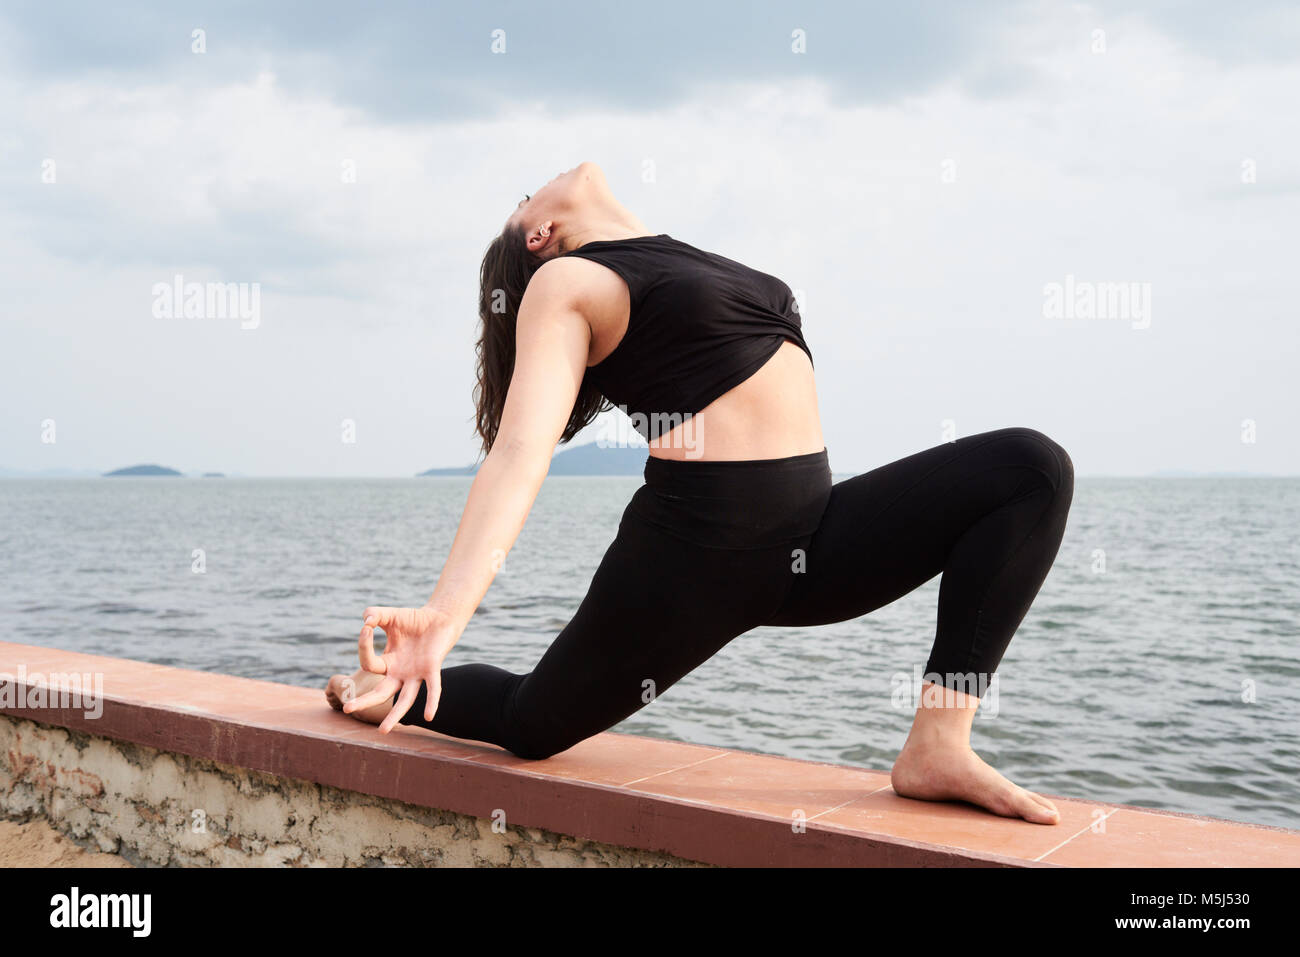 Istruttore Yoga nella posizione del Guerriero con le braccia aperte e a faccia in su una recinzione accanto al mare. Immagini Stock